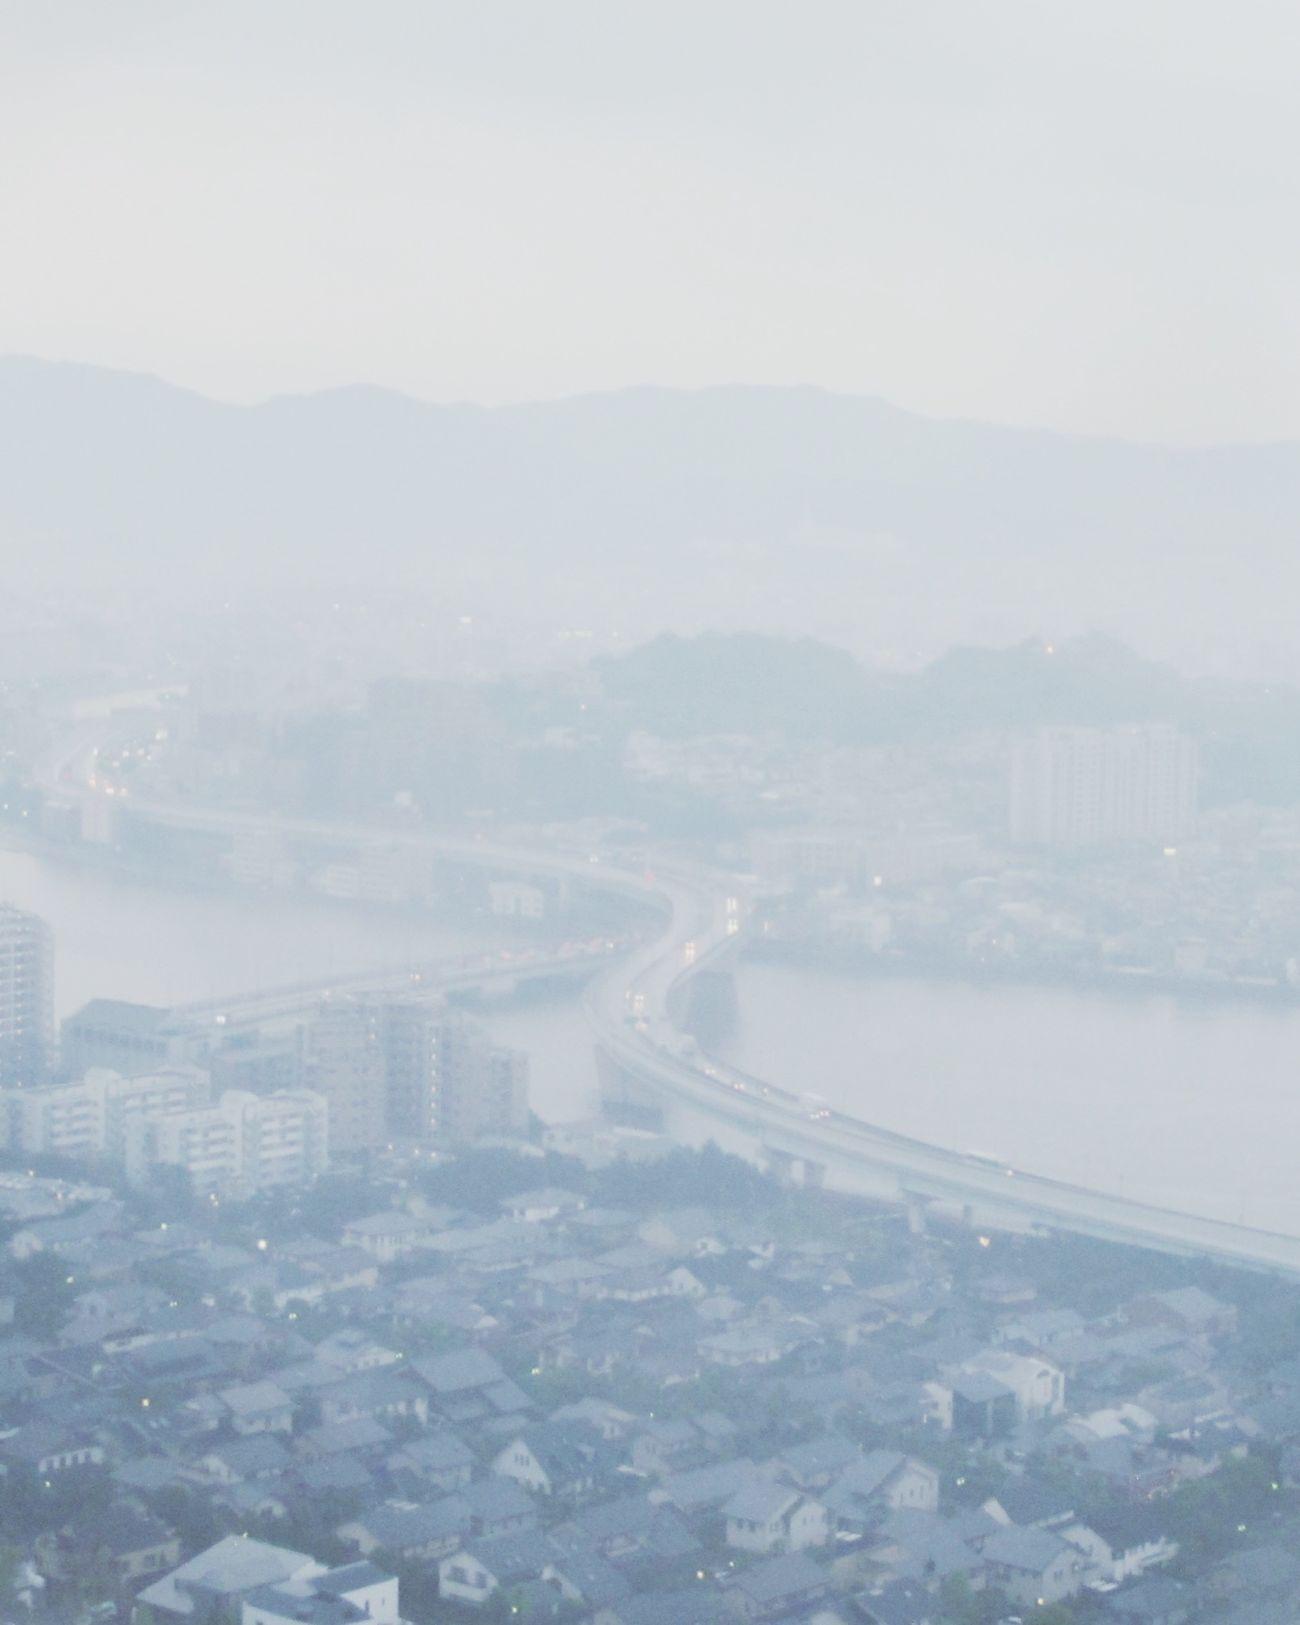 A rainy day from Fukuoka Tower Fukuoka Fukuoka Tower First Eyeem Photo River View River Bridge Bridge View Romance Nostalgia